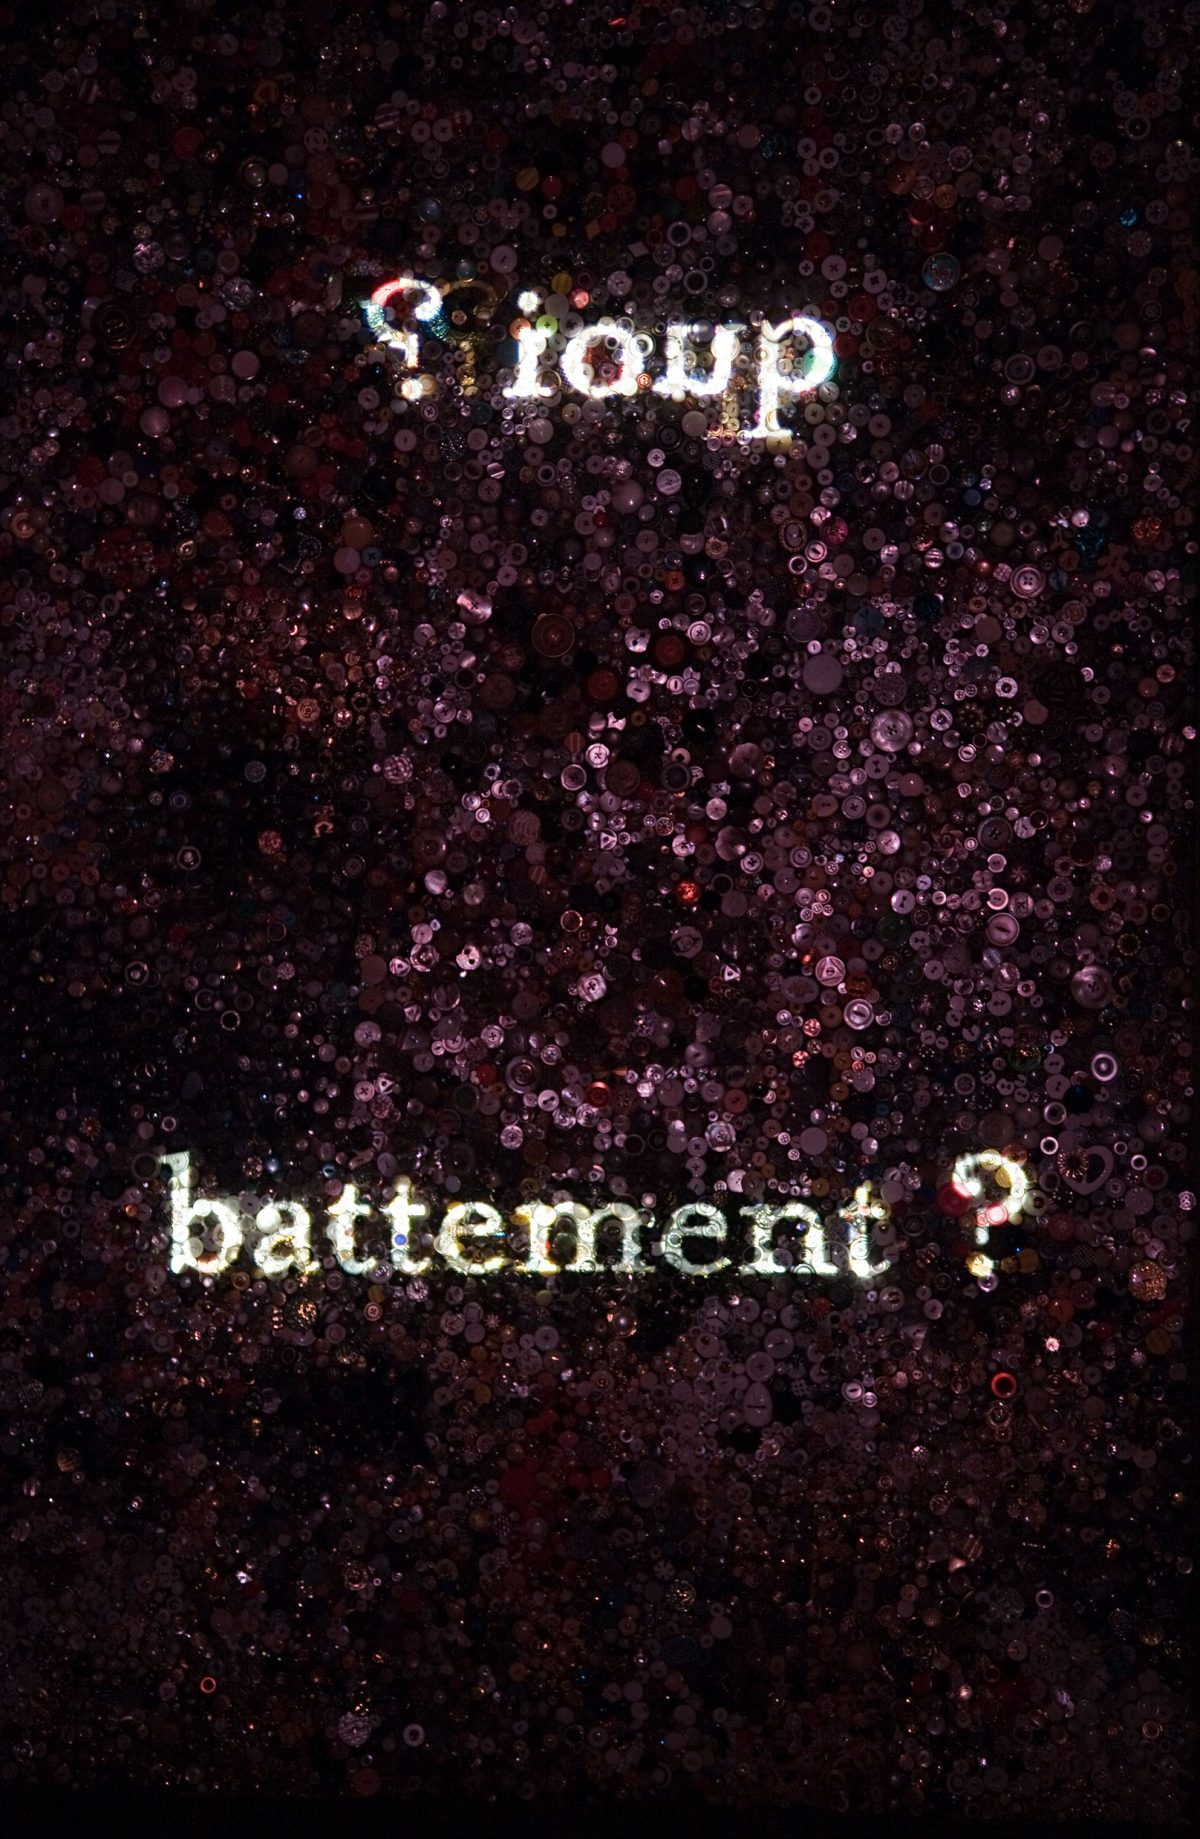 détail de Not I/Pas moi, 2006-2007, Christine Davis, Diaporama en boucle projeté sur écran de boutons suspendu, miroirs, 18 min..